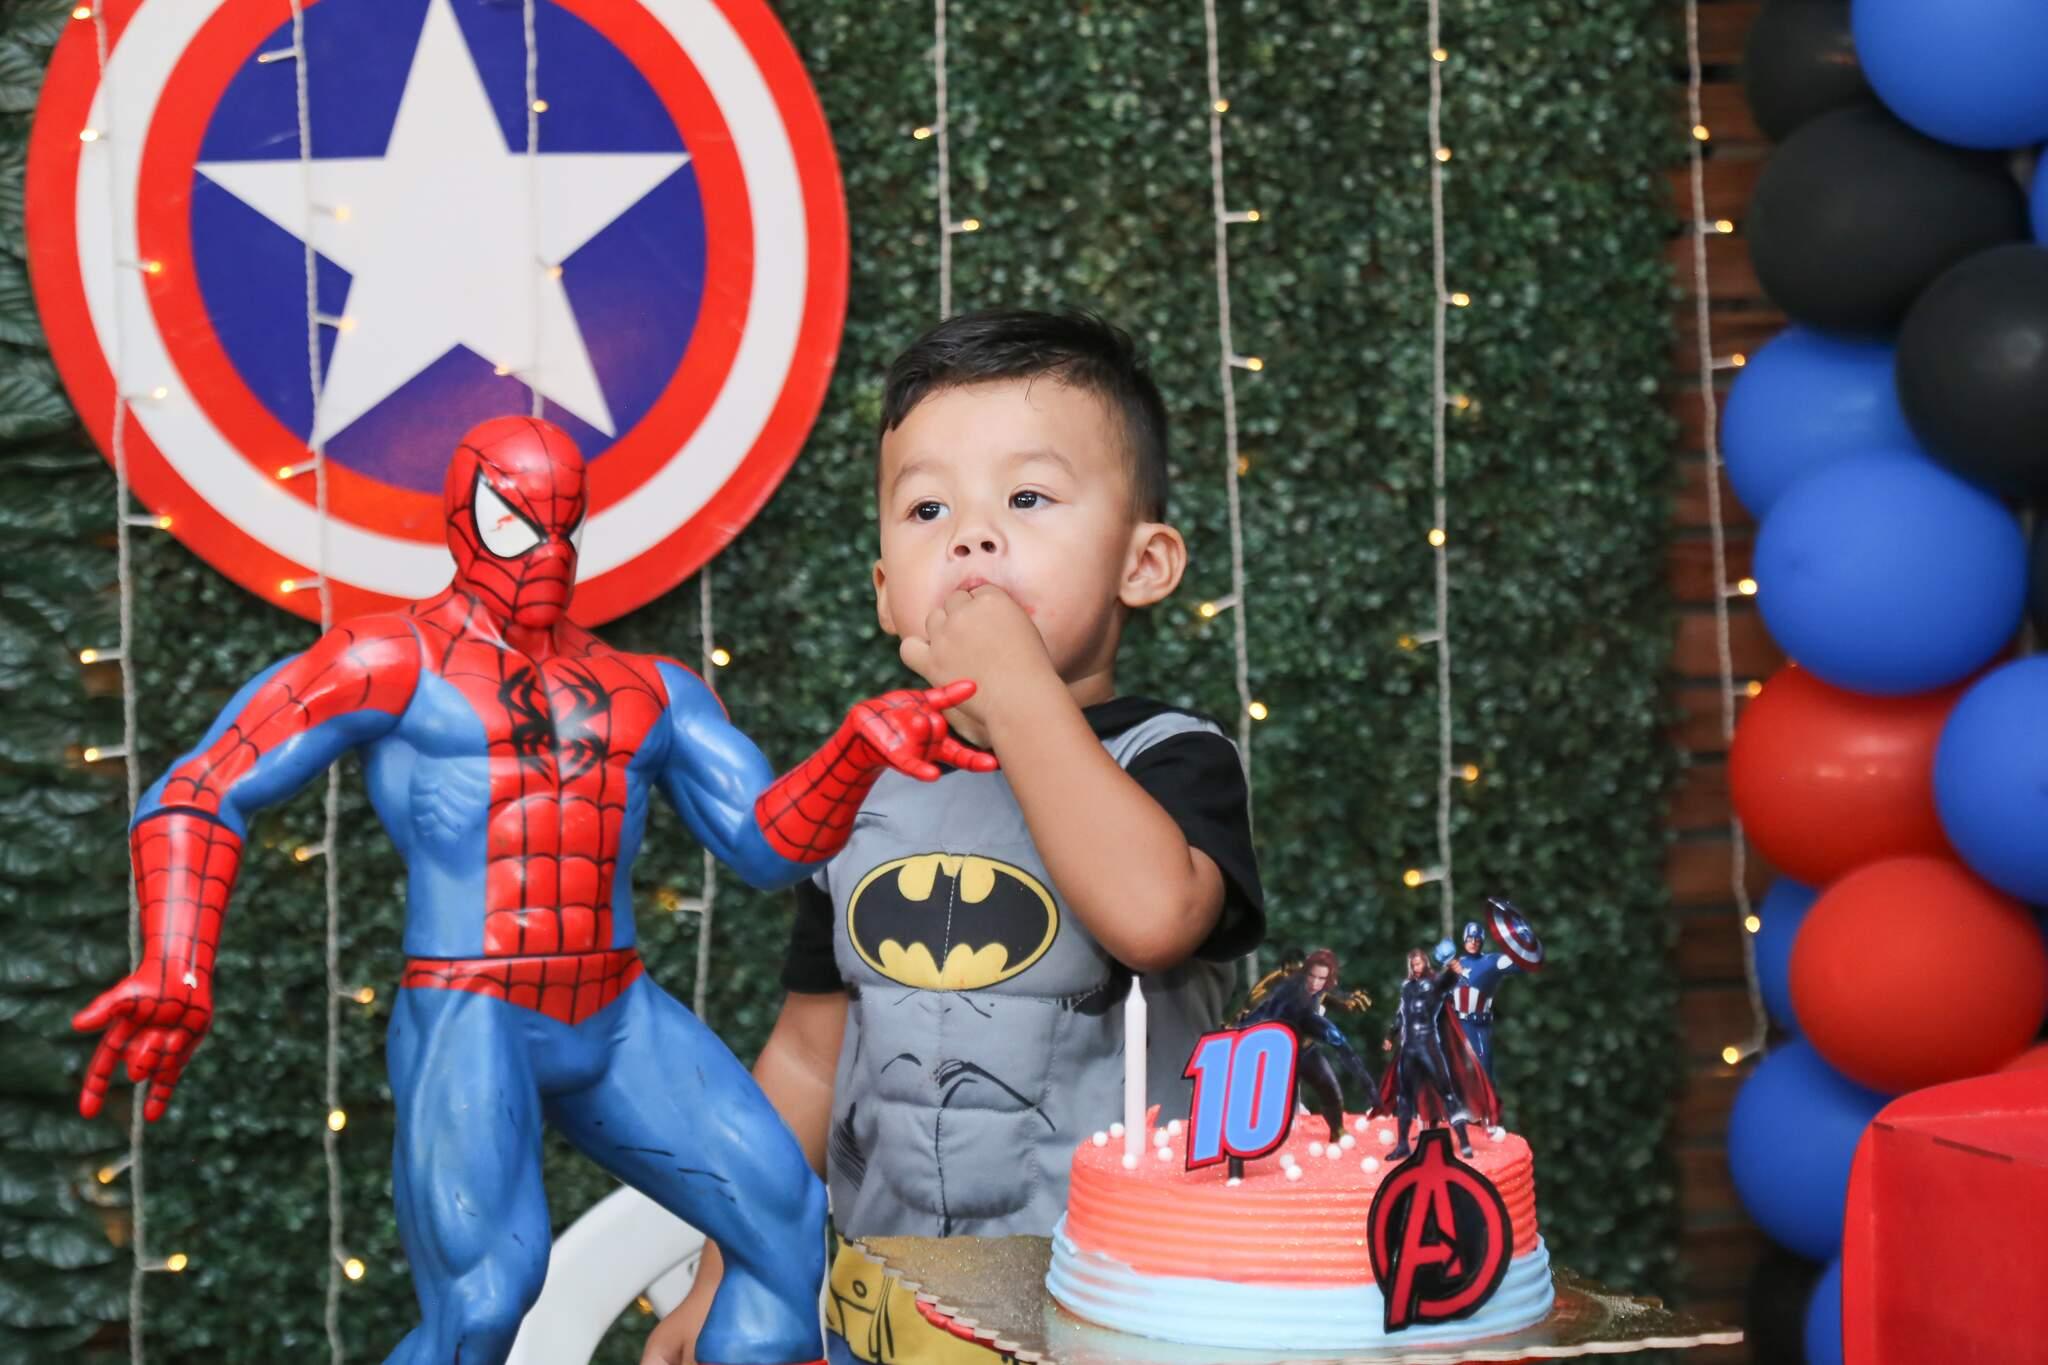 Heitor completou dois anos e nunca tinha ganhado festa de aniversário (Foto: Kísie Ainoã)